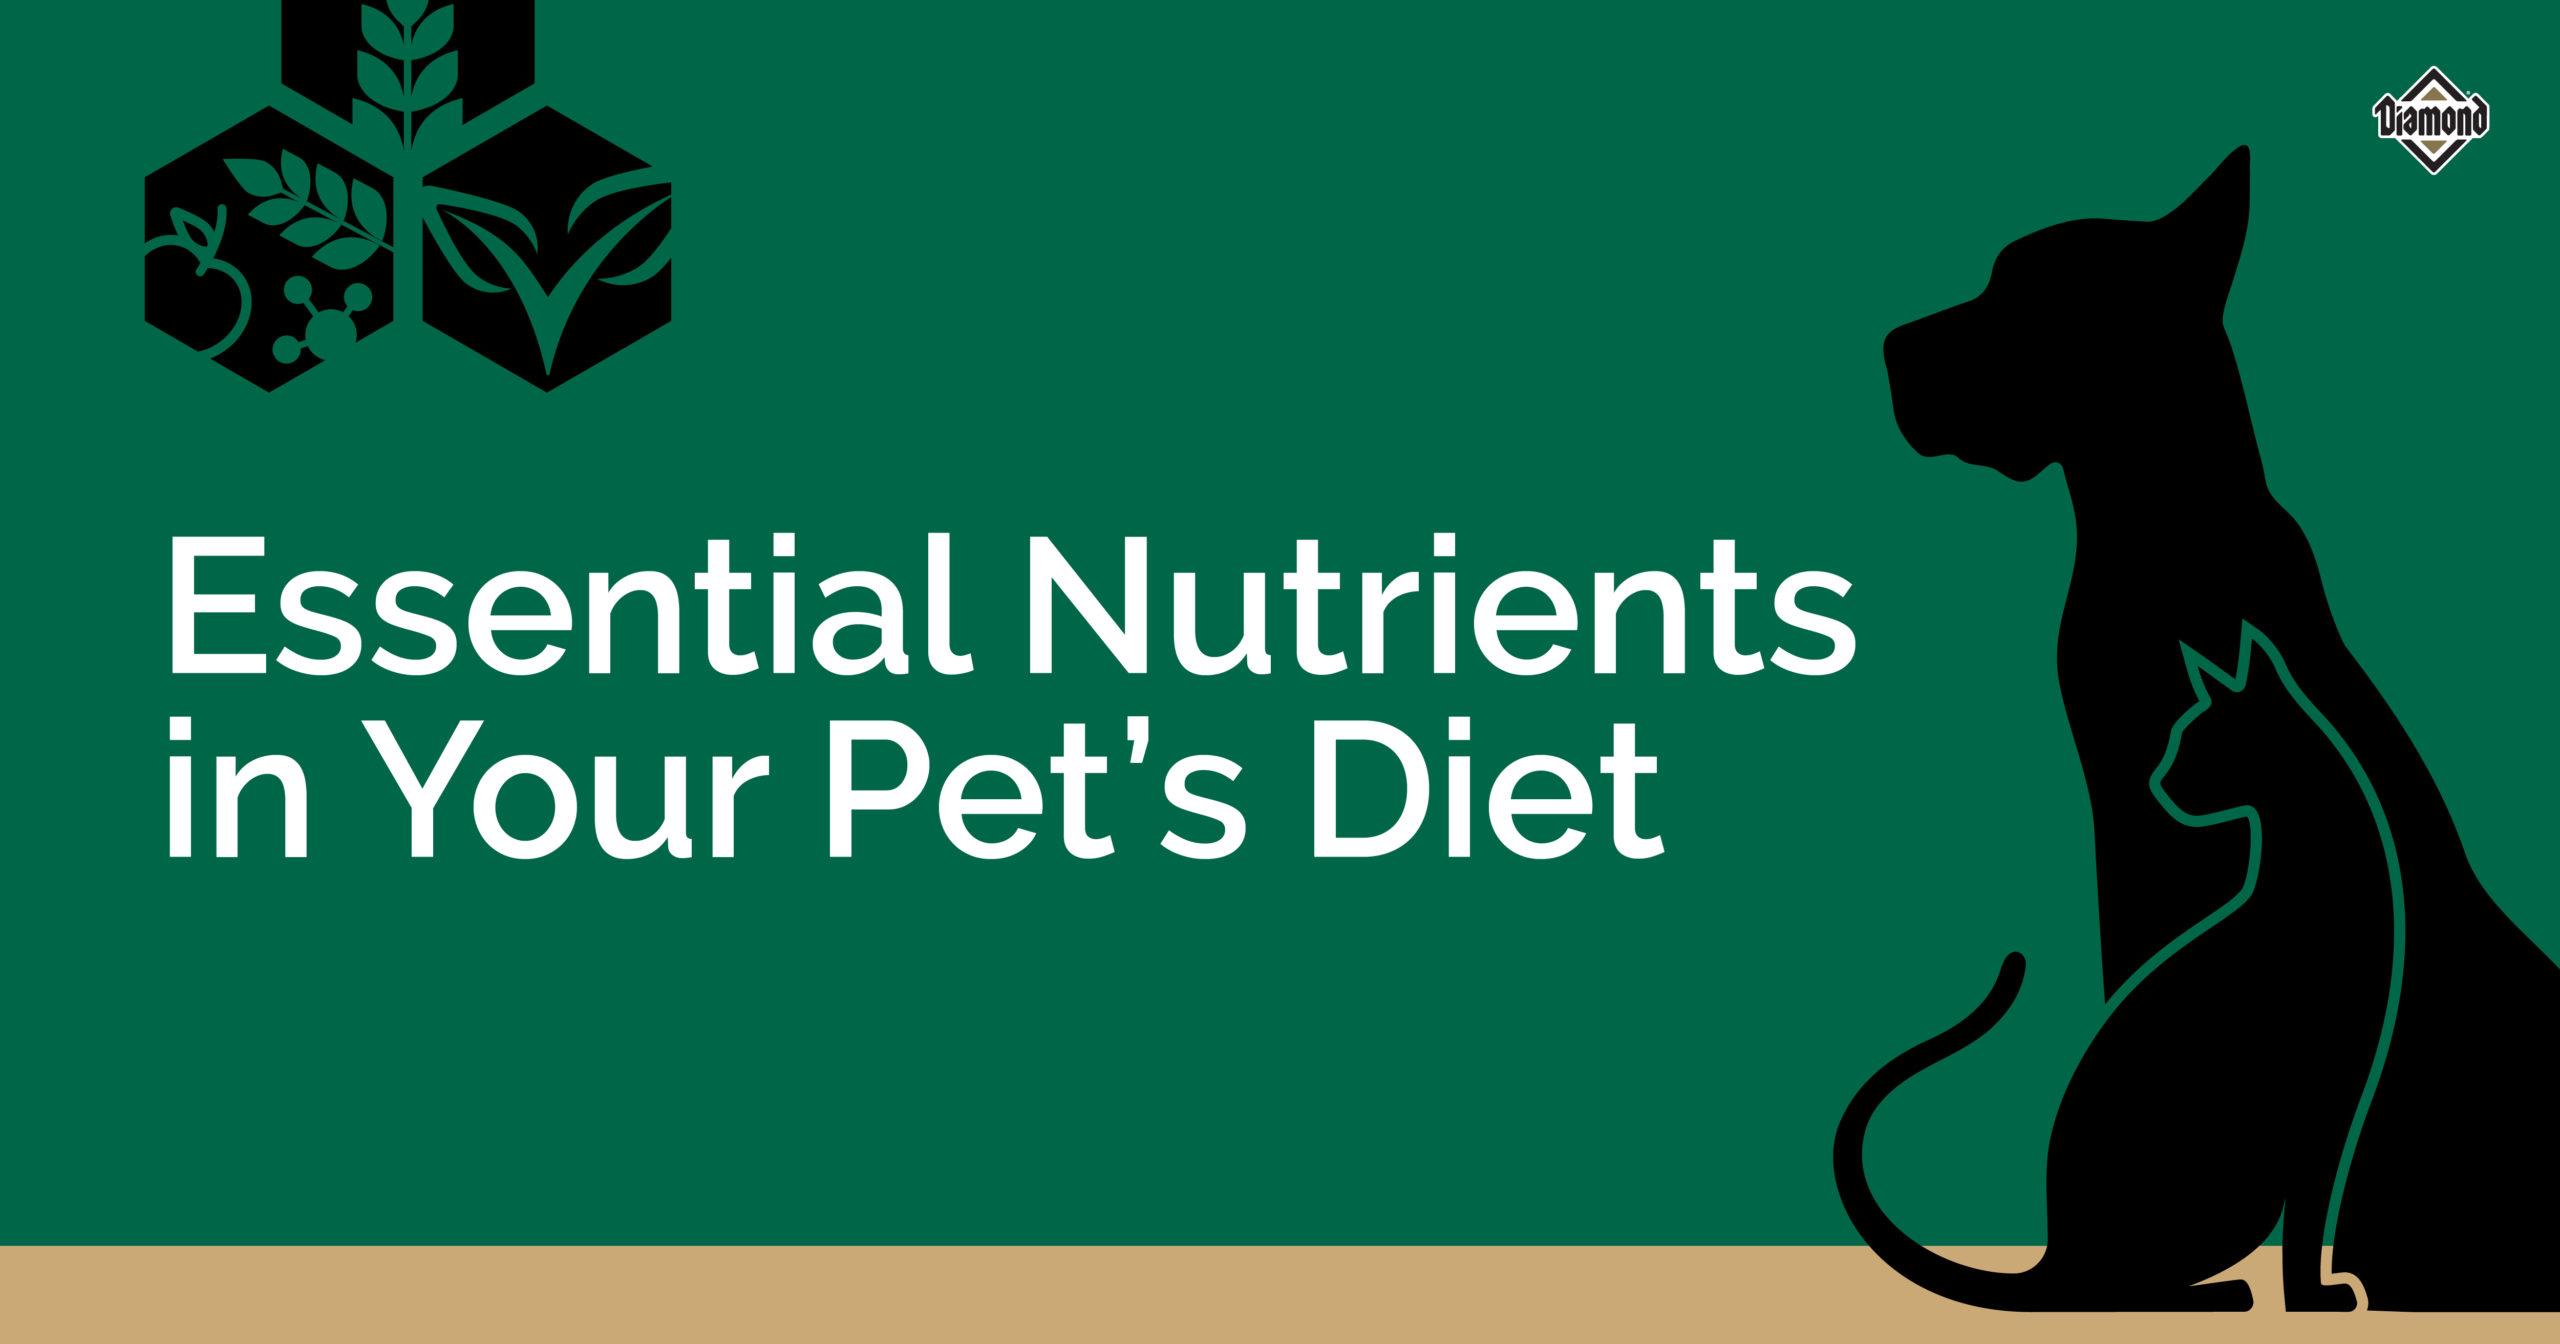 Essential Nutrients in Your Pet's Diet | Diamond Pet Foods